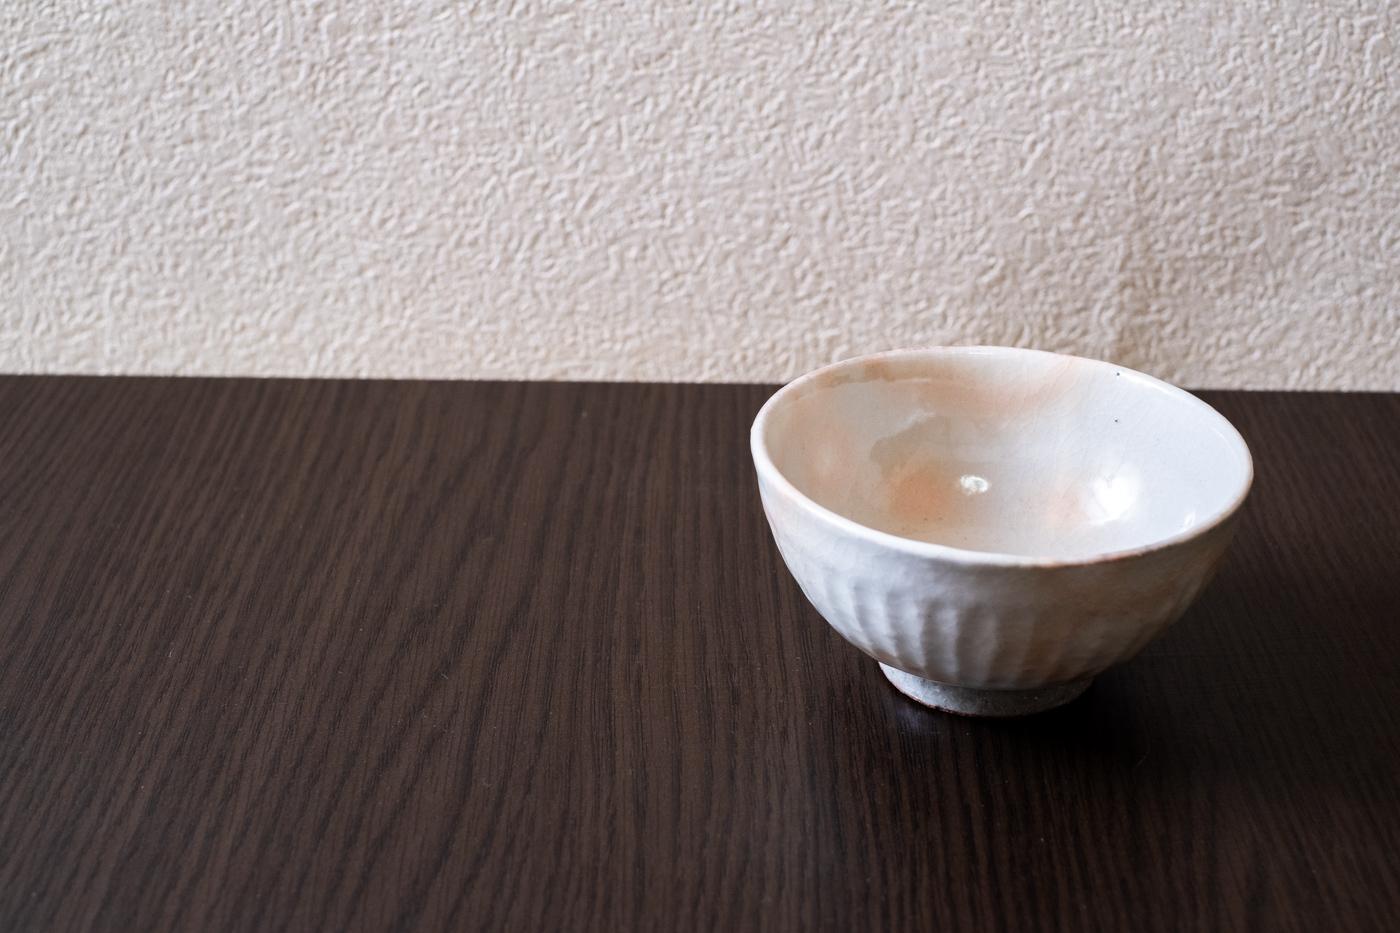 粉引しのぎ茶碗